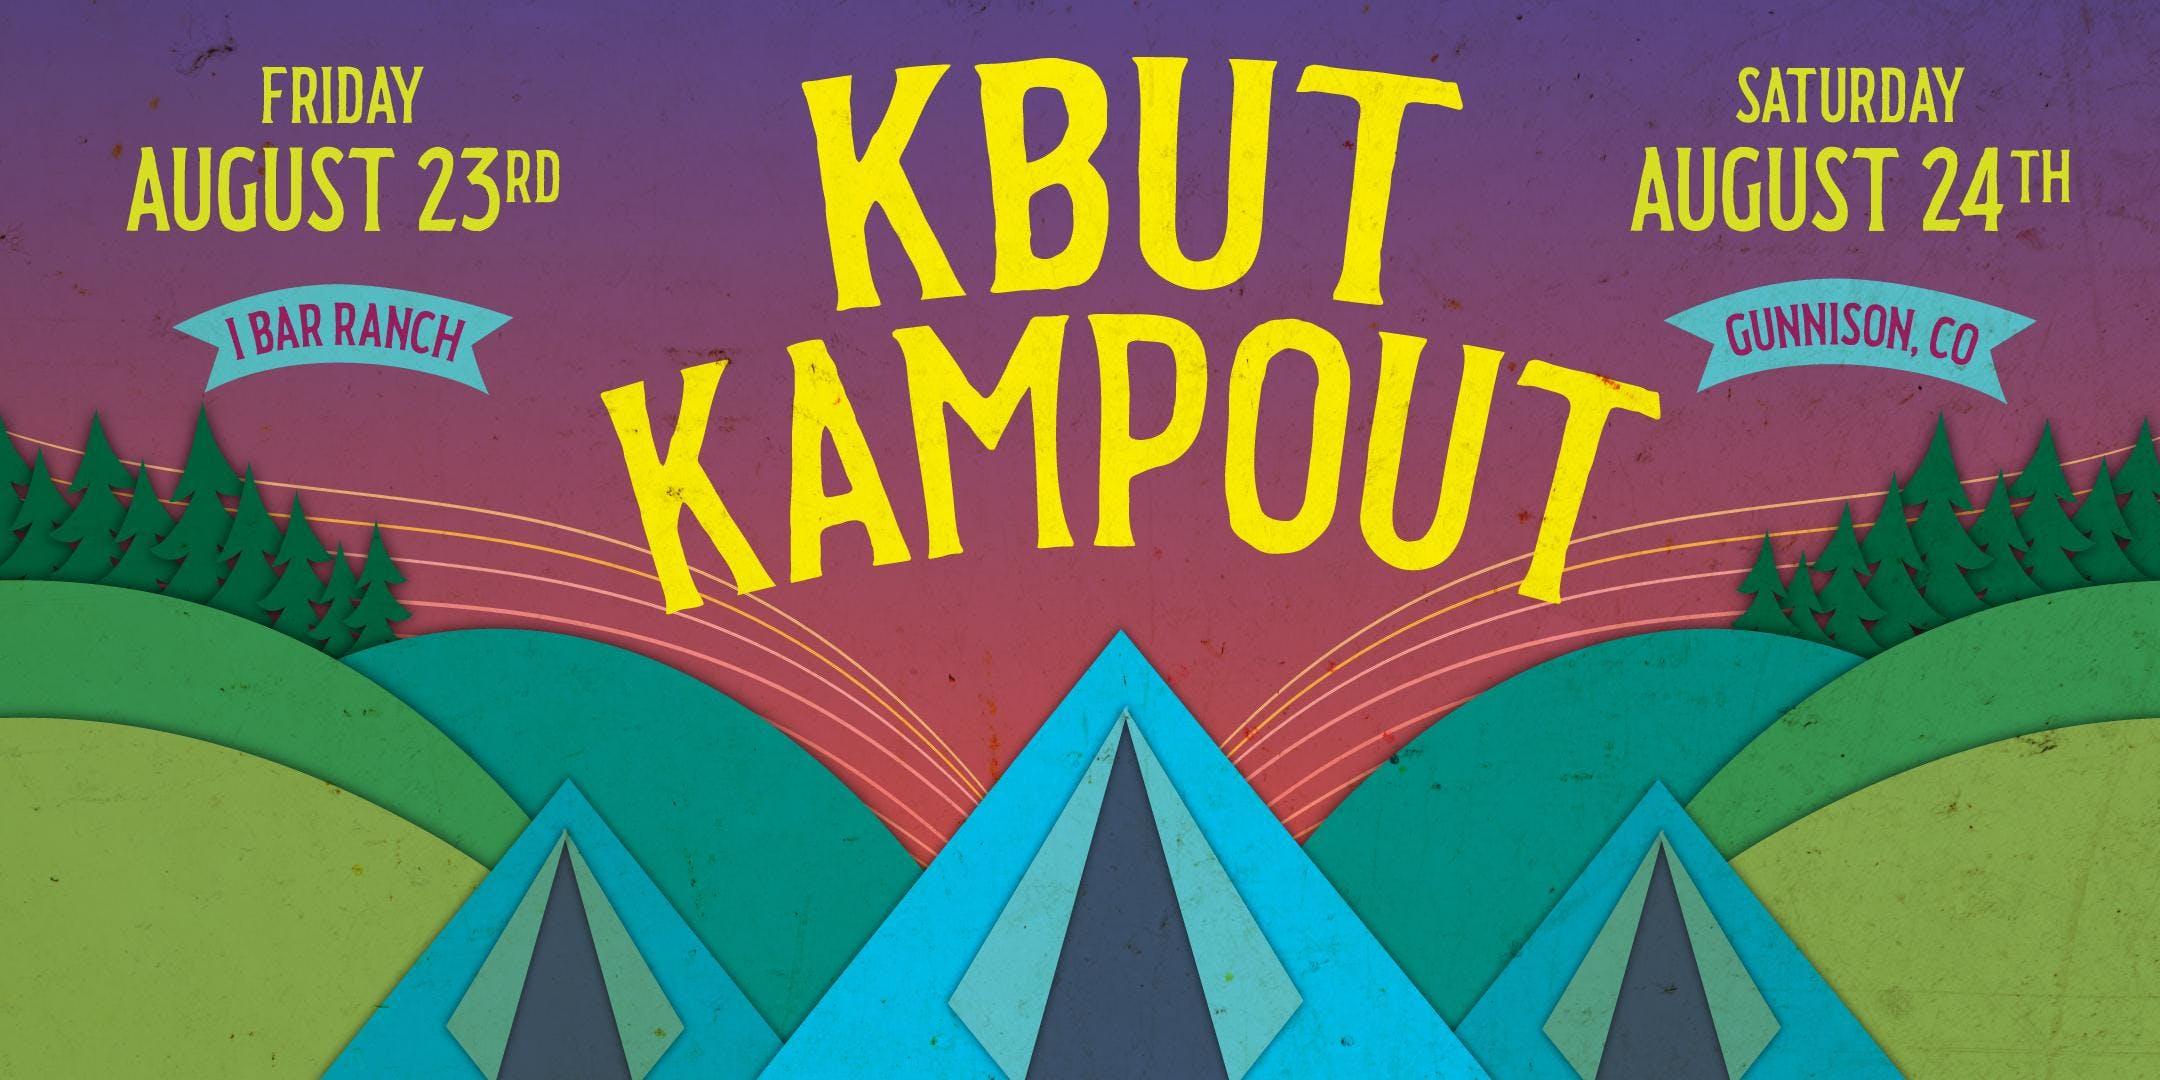 KBUT Kampout 2019